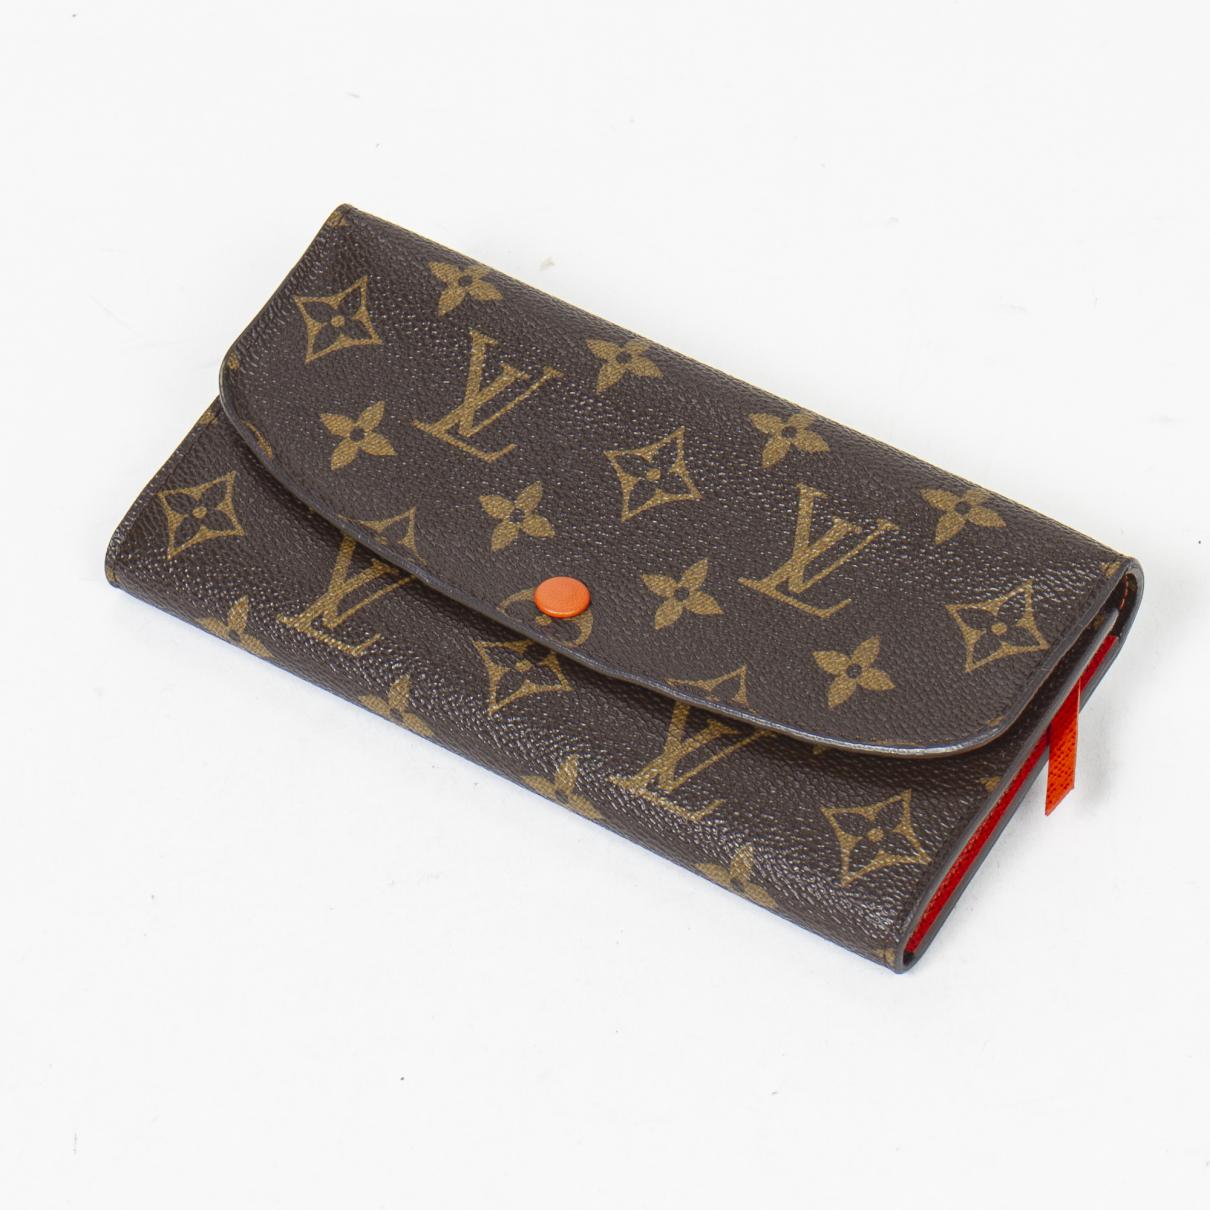 Louis Vuitton - Portefeuille Emilie pour femme en cuir